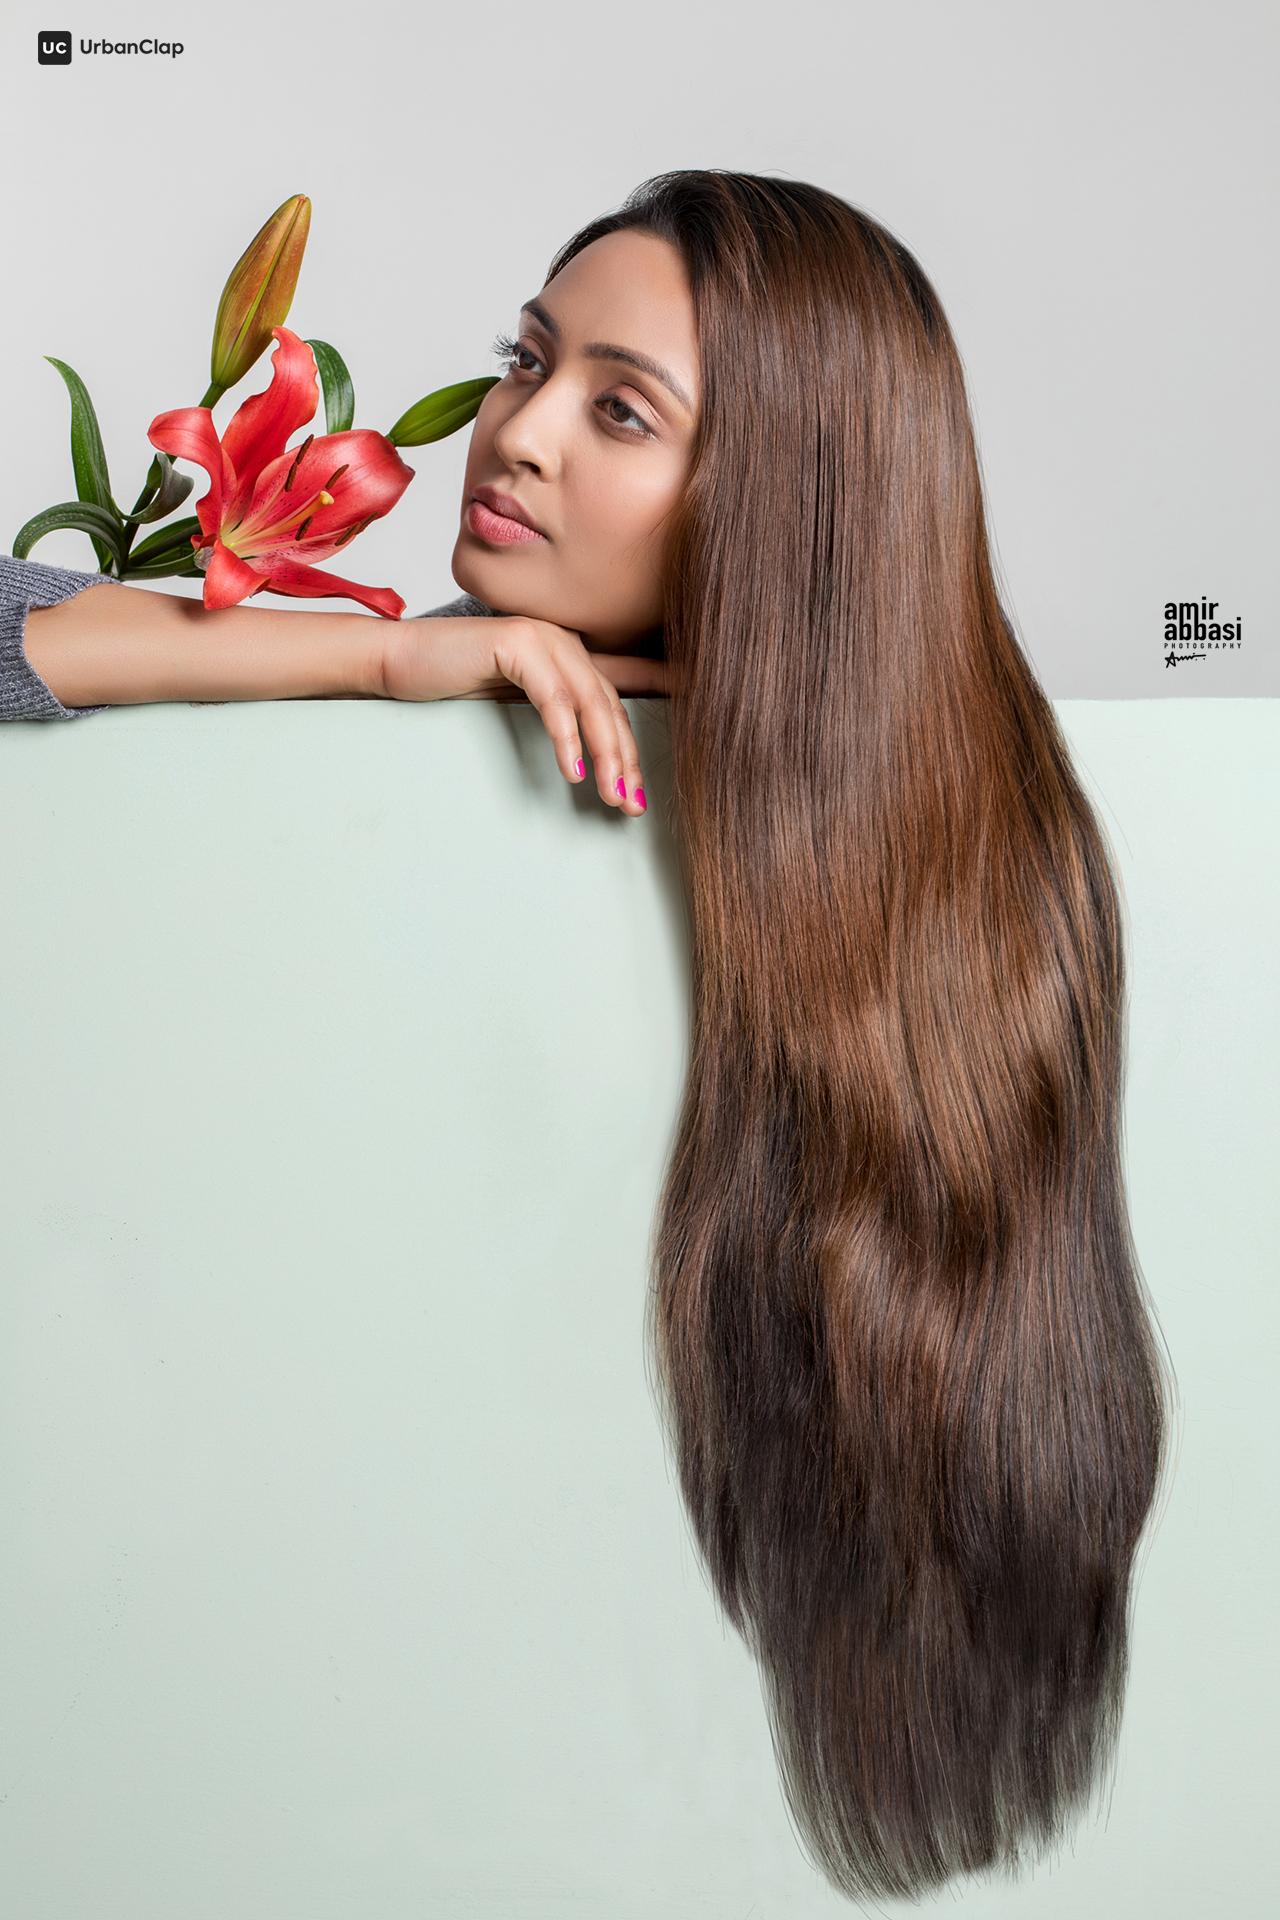 beauty-photographer-dubai-delhi-mumbai-urbanclap-01.jpg